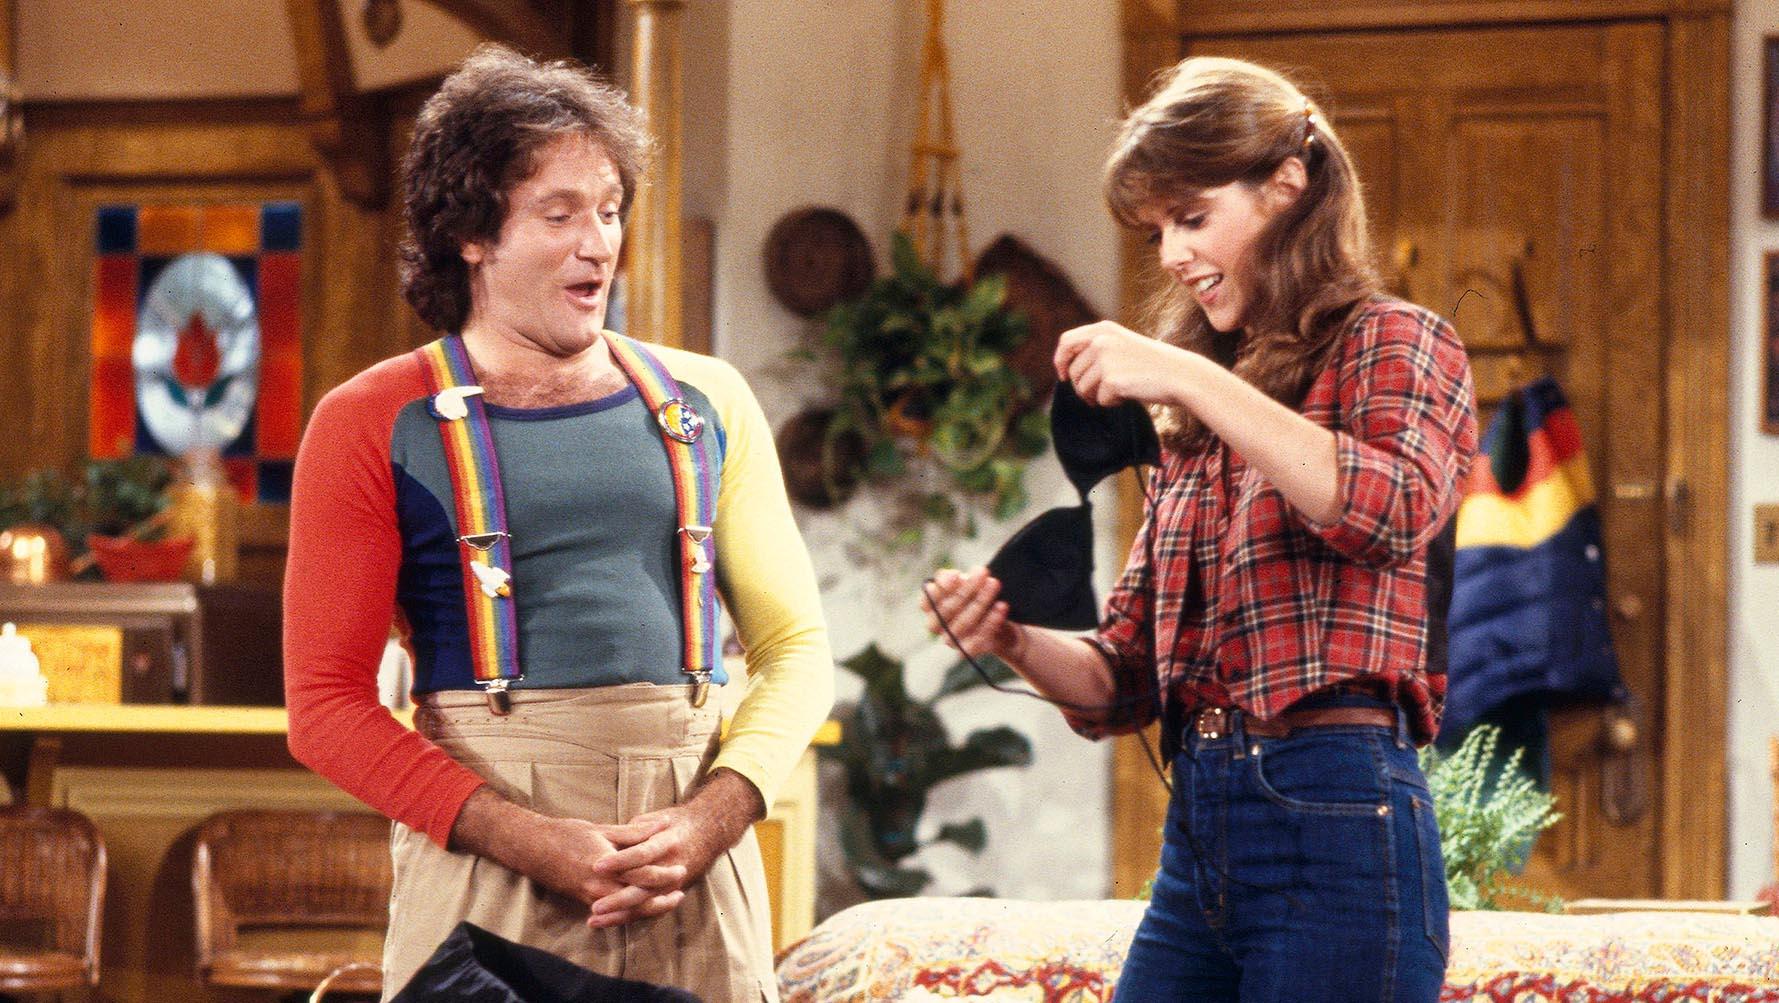 A casi cuatro años de su muerte, una biografía pone a Robin Williams en la mira